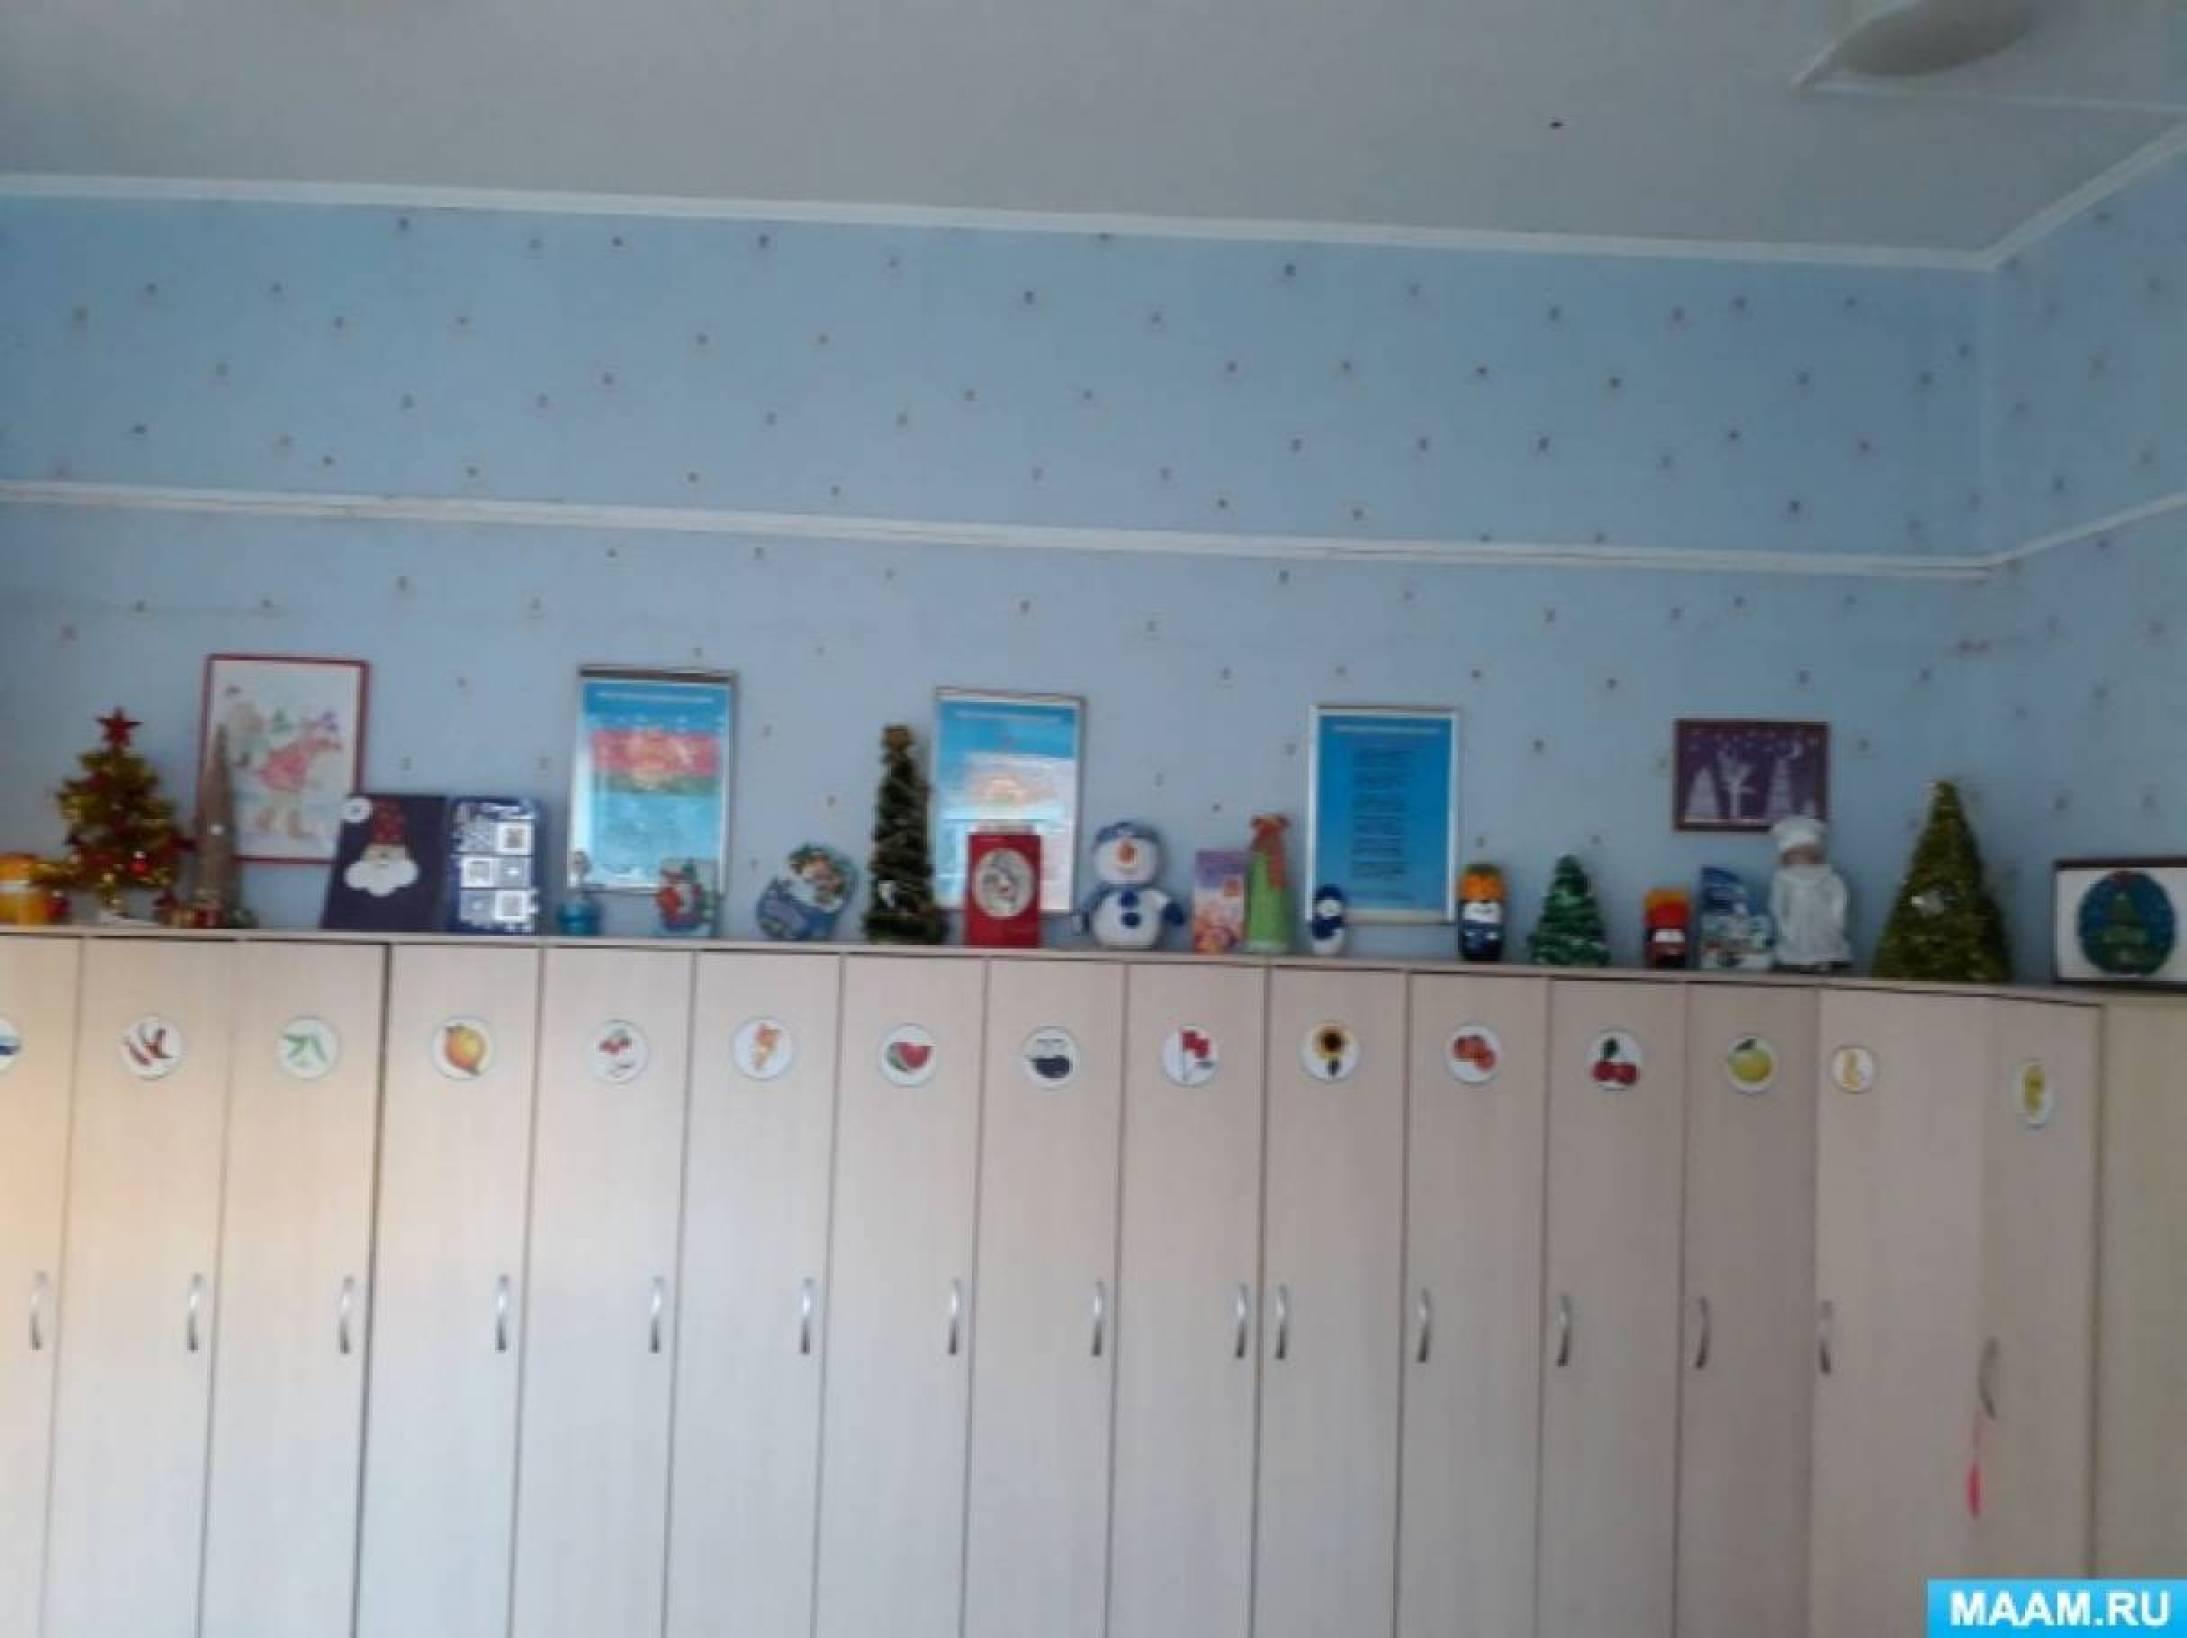 «Новогодняя сказка». Праздничное оформление детского сада